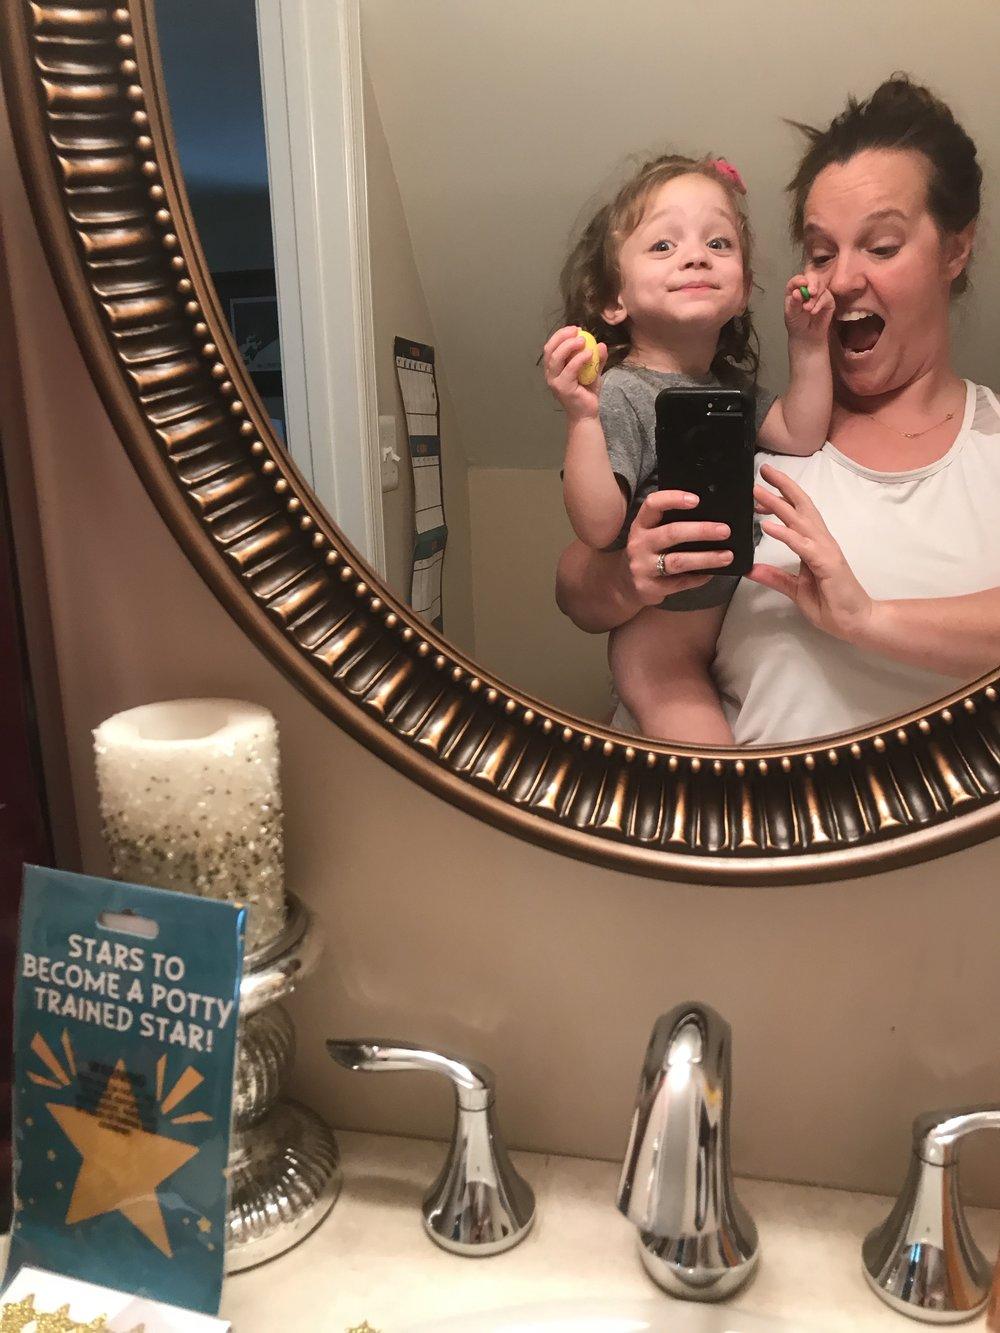 how to potty train in 3 days- www.shegotguts.com